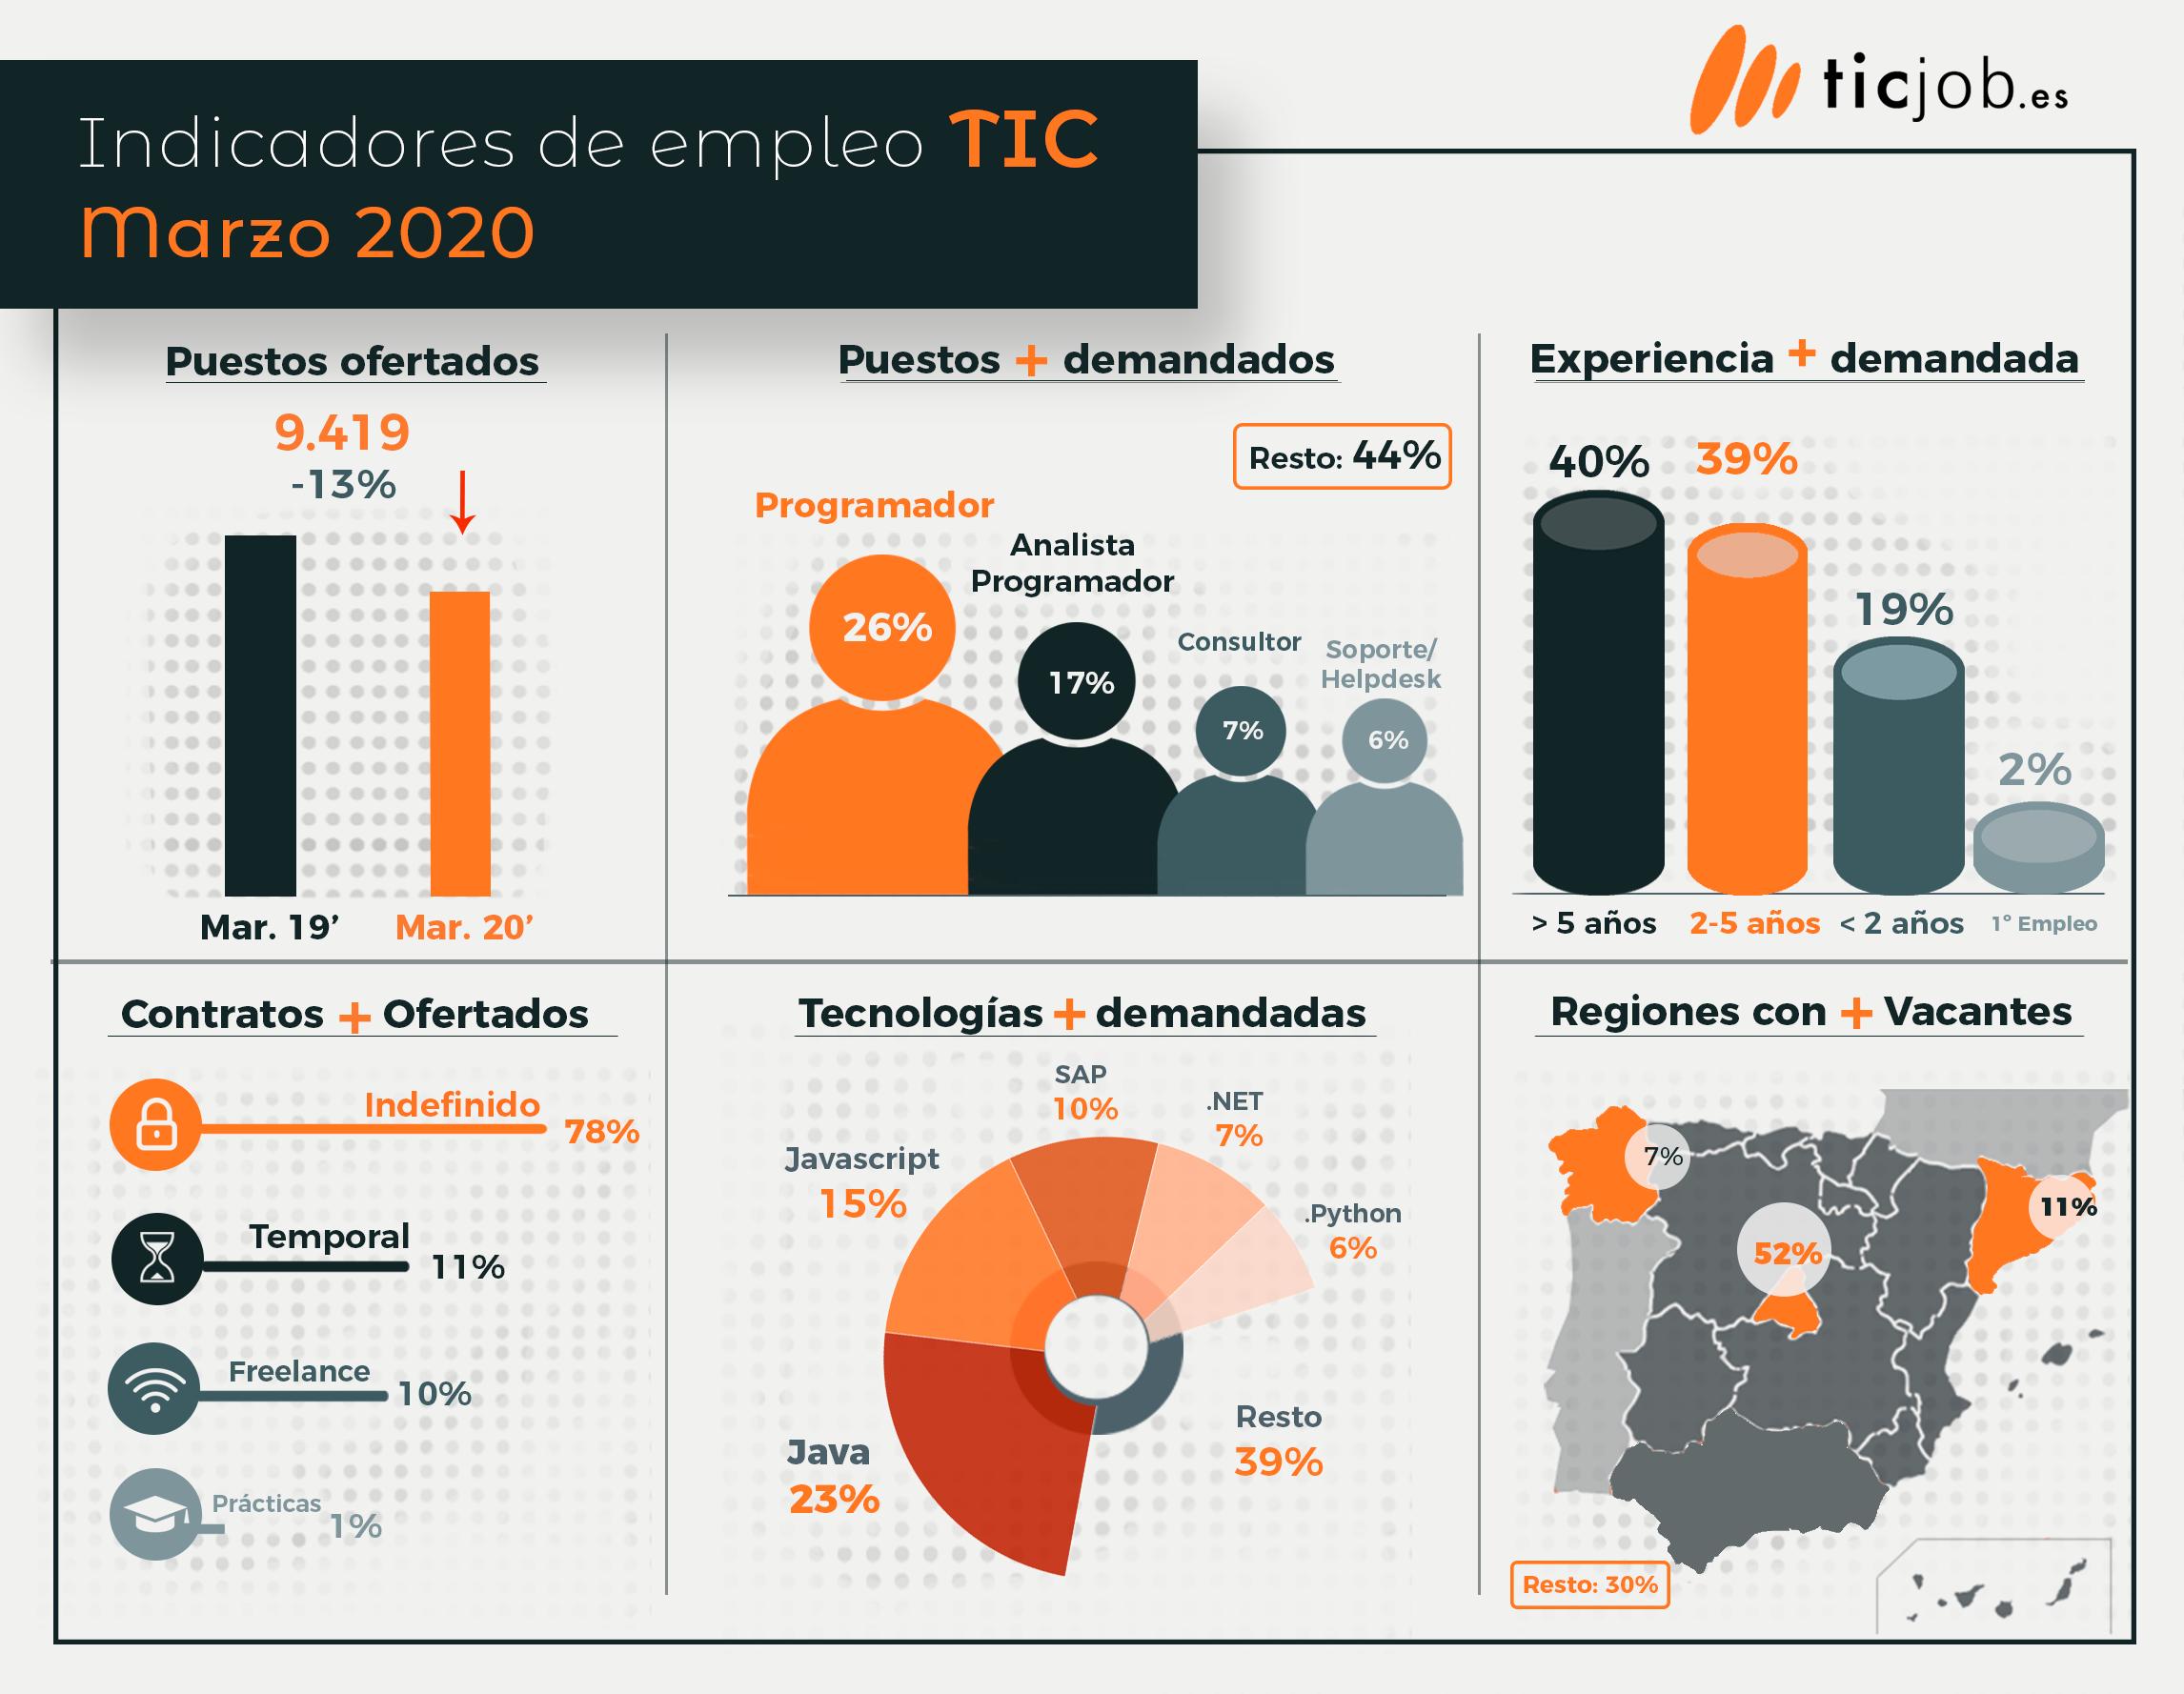 Infografía de los indicadores de empleo IT de Marzo 2020.